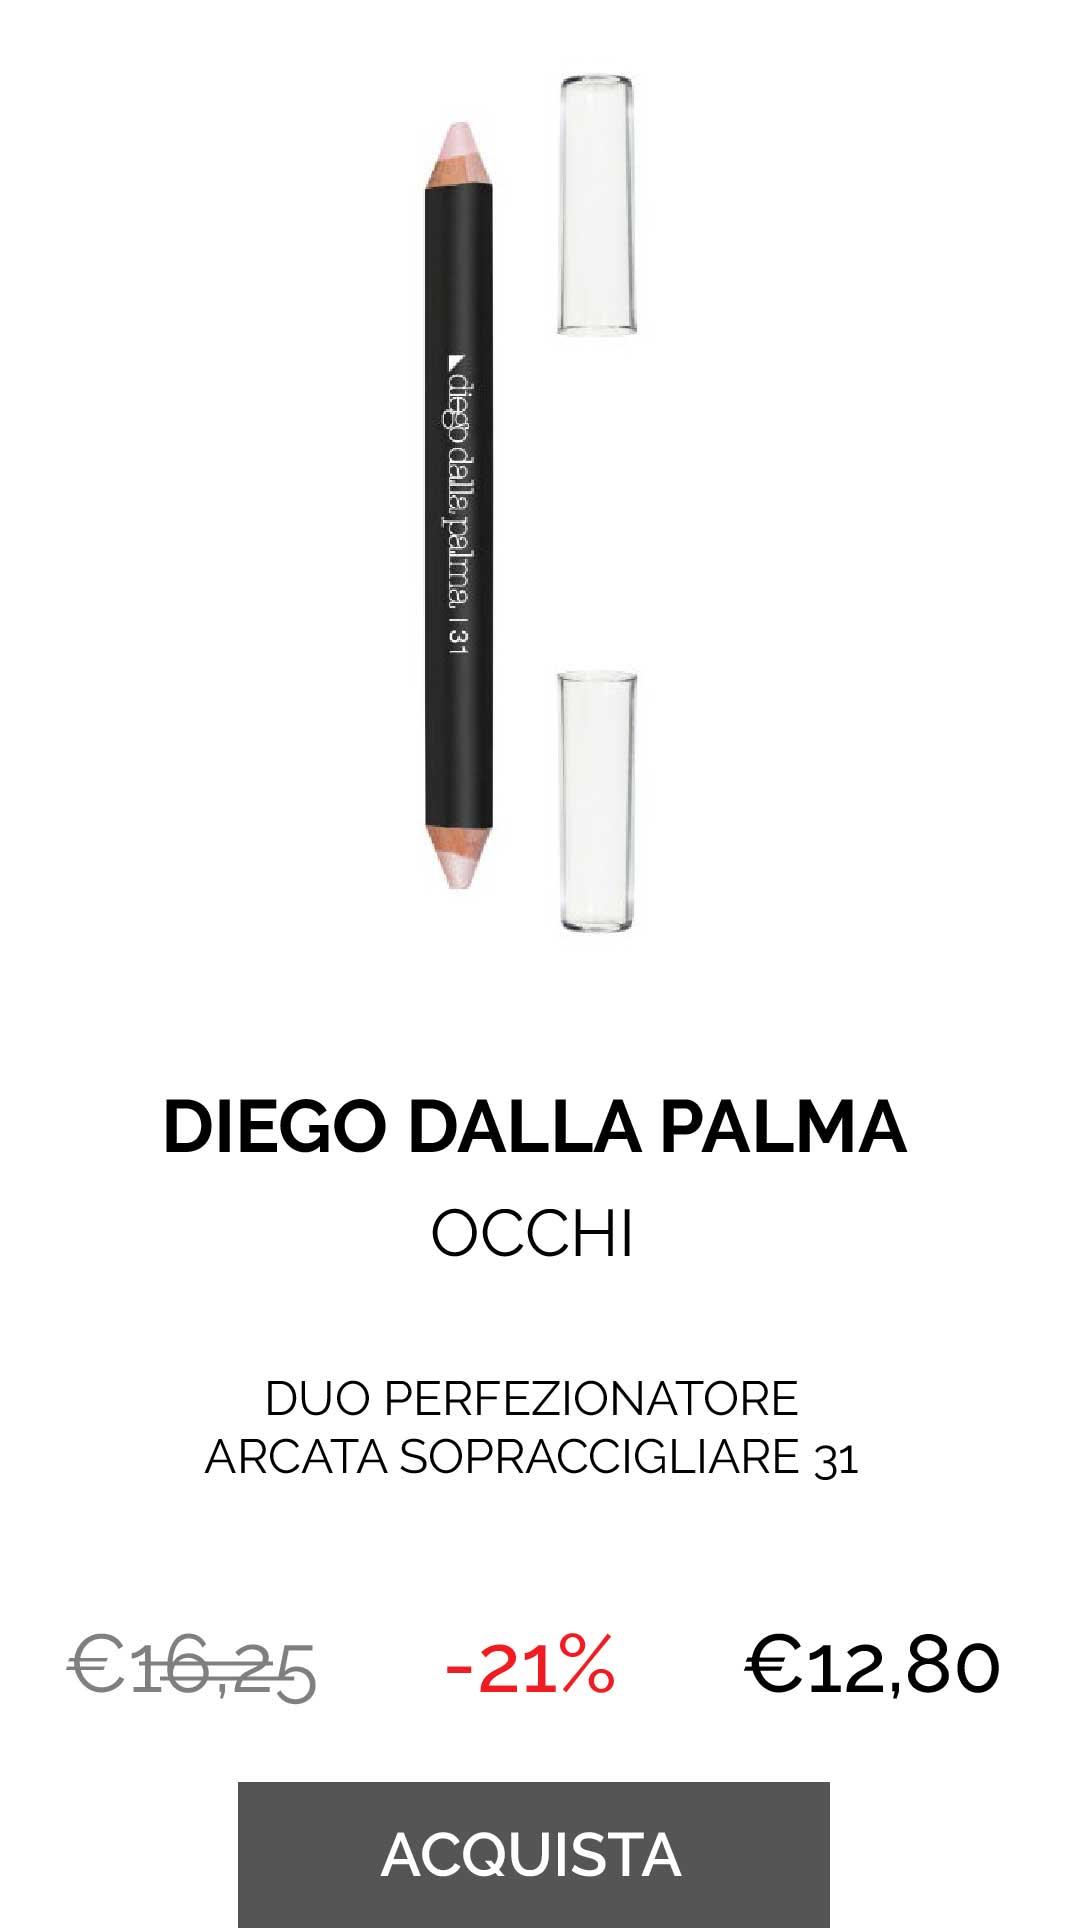 DIEGO DALLA PALMA - DUO PERFEZIONATORE ARCATA SOPRACCIGLIARE 31